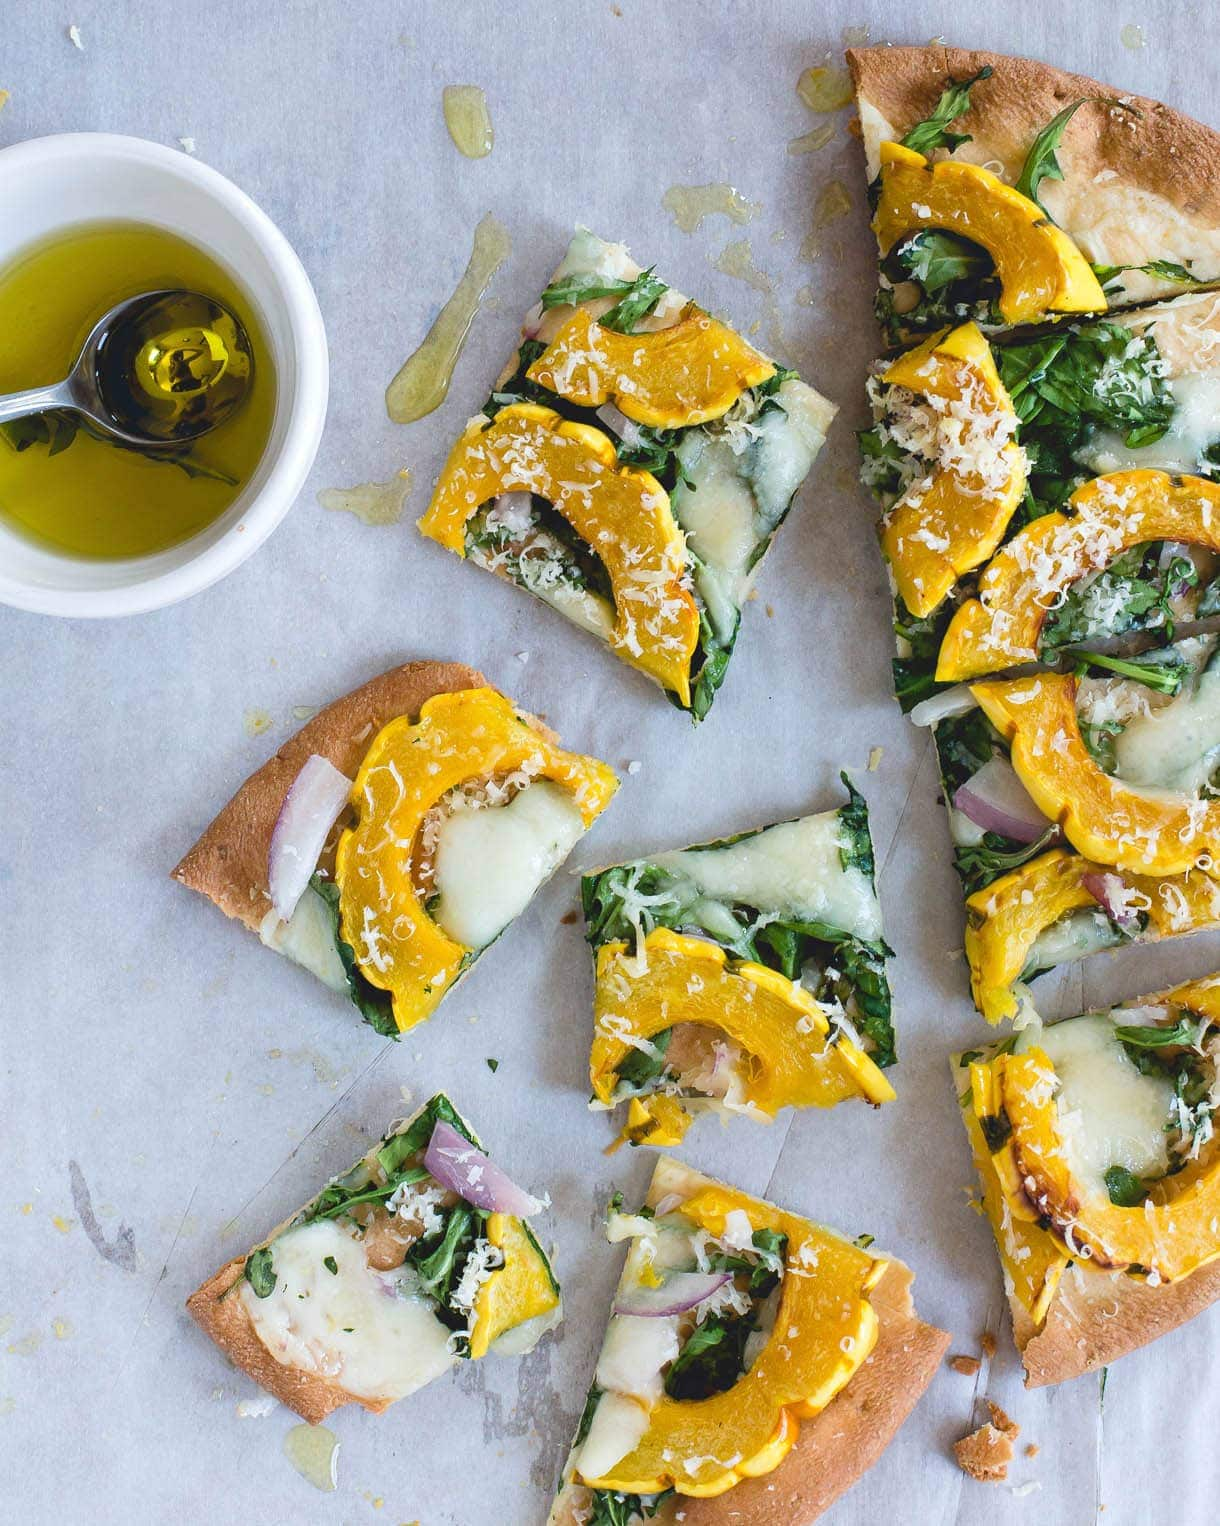 Gluten-Free Pizza with Delicata Squash & Creamy Gouda